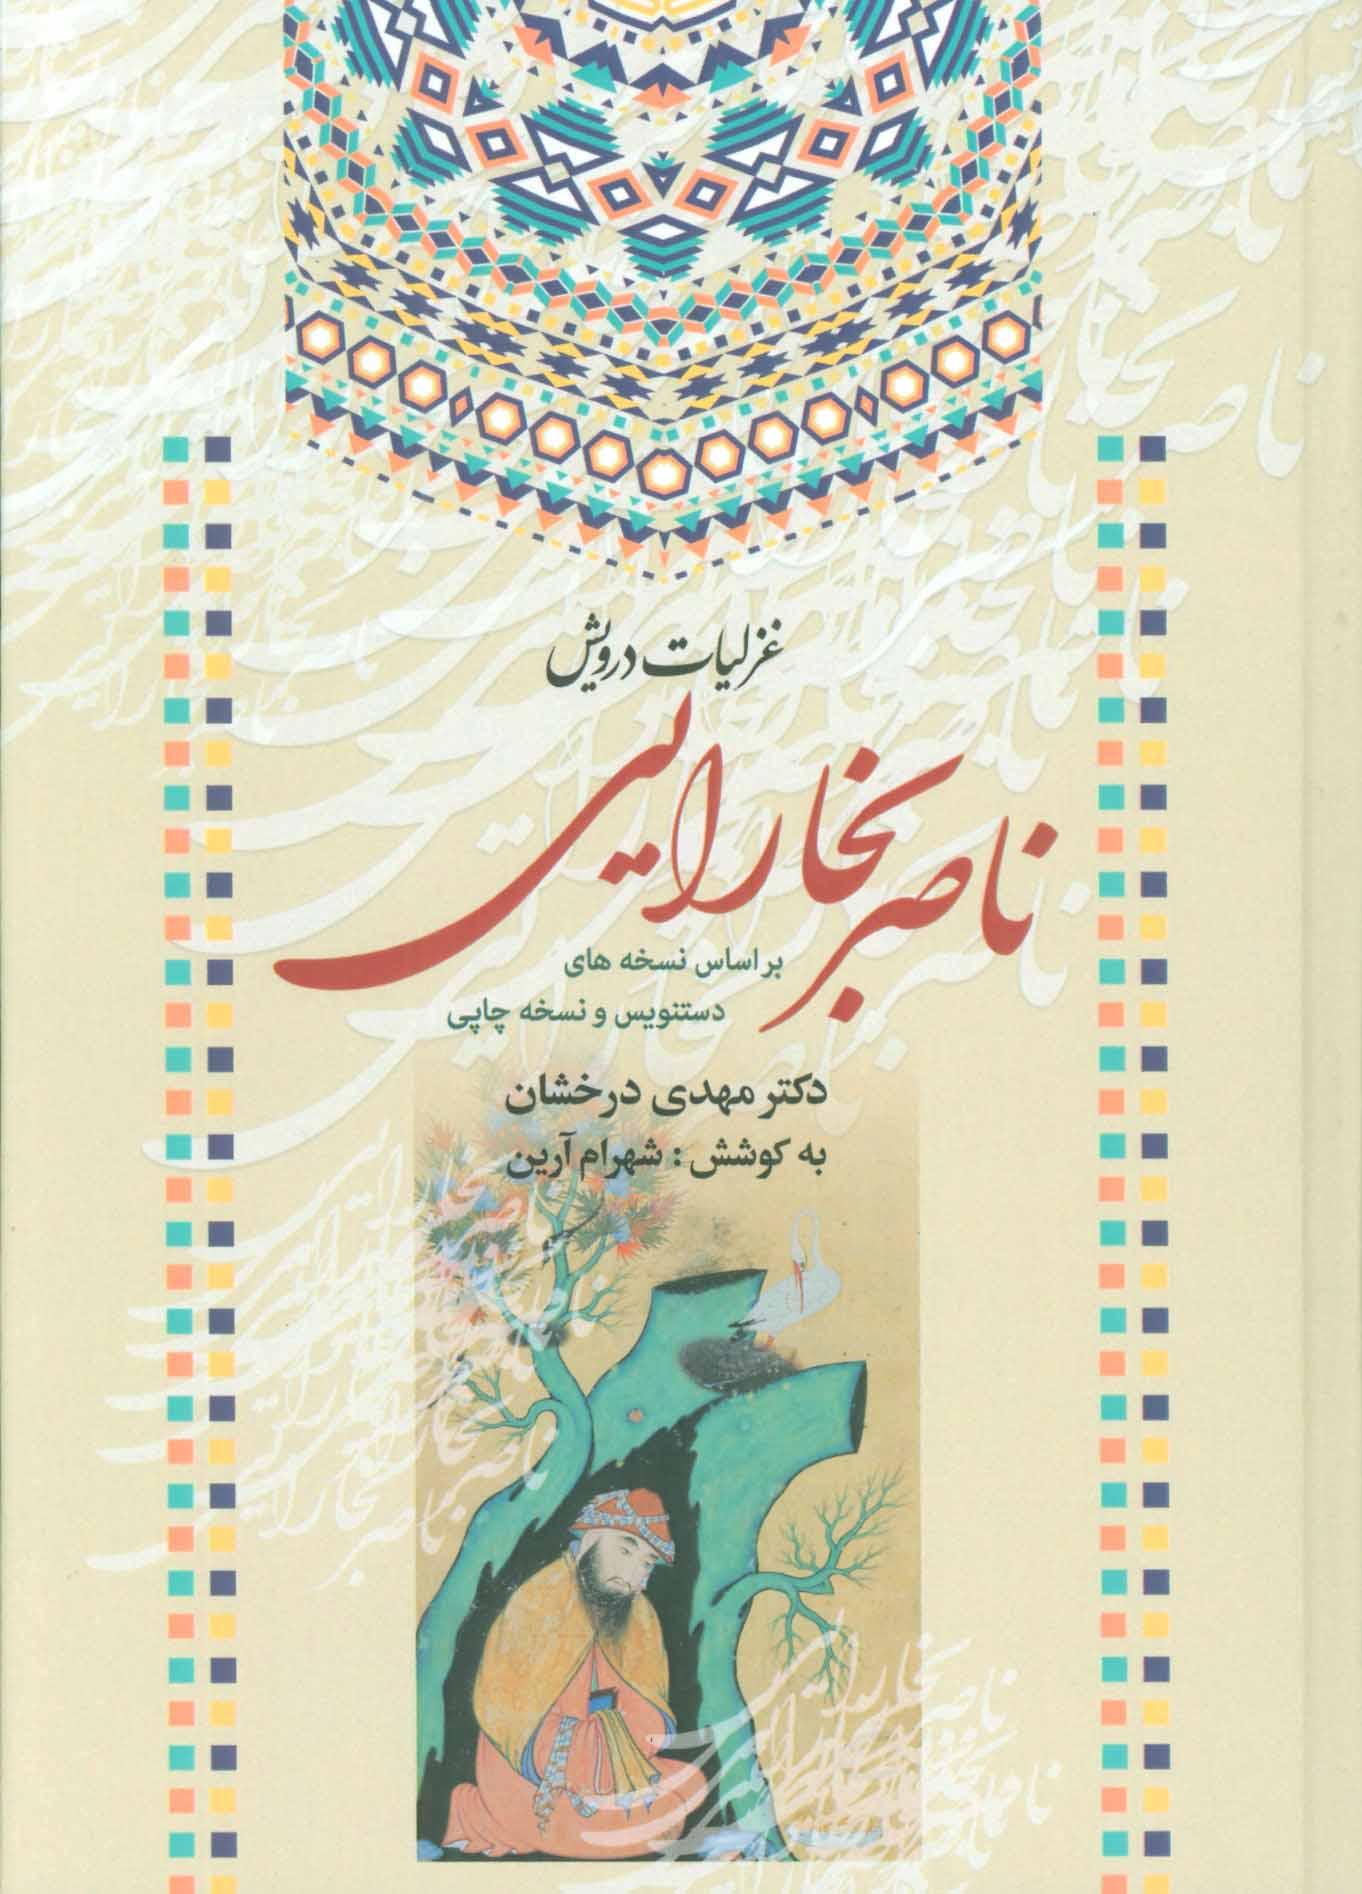 کتاب غزلیات درویش ناصر بخارایی